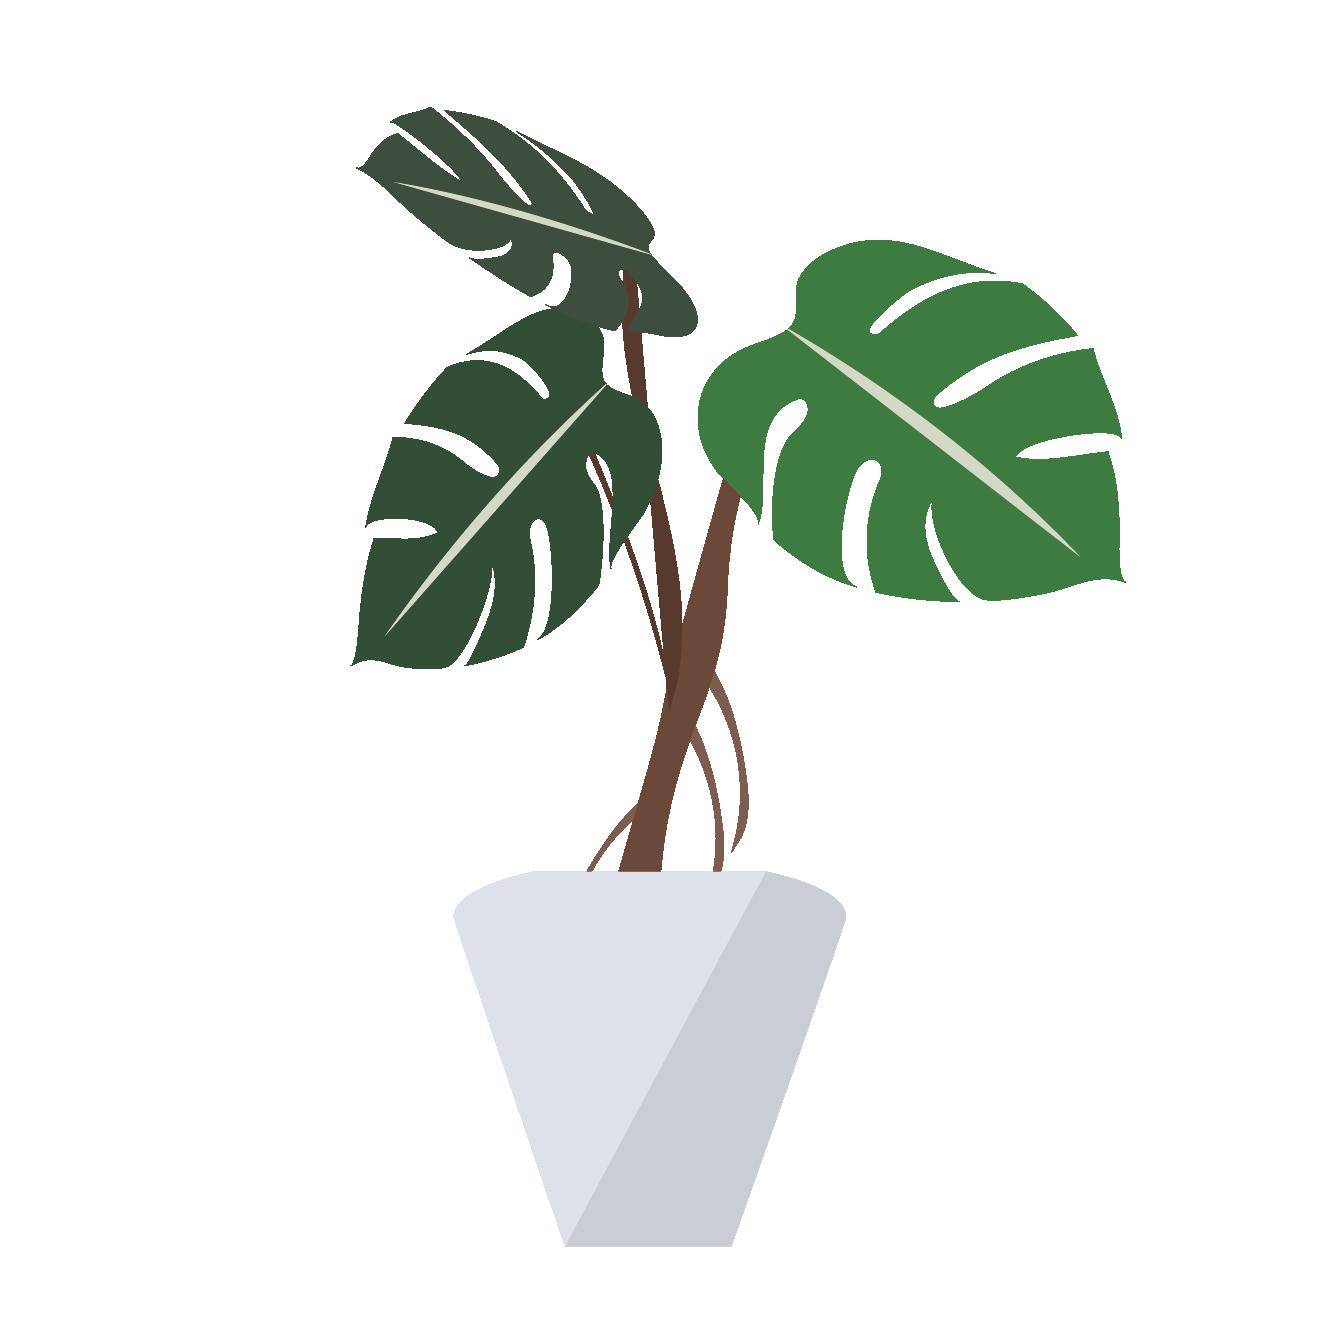 観葉植物モンステラのイラスト 商用フリー無料のイラスト素材